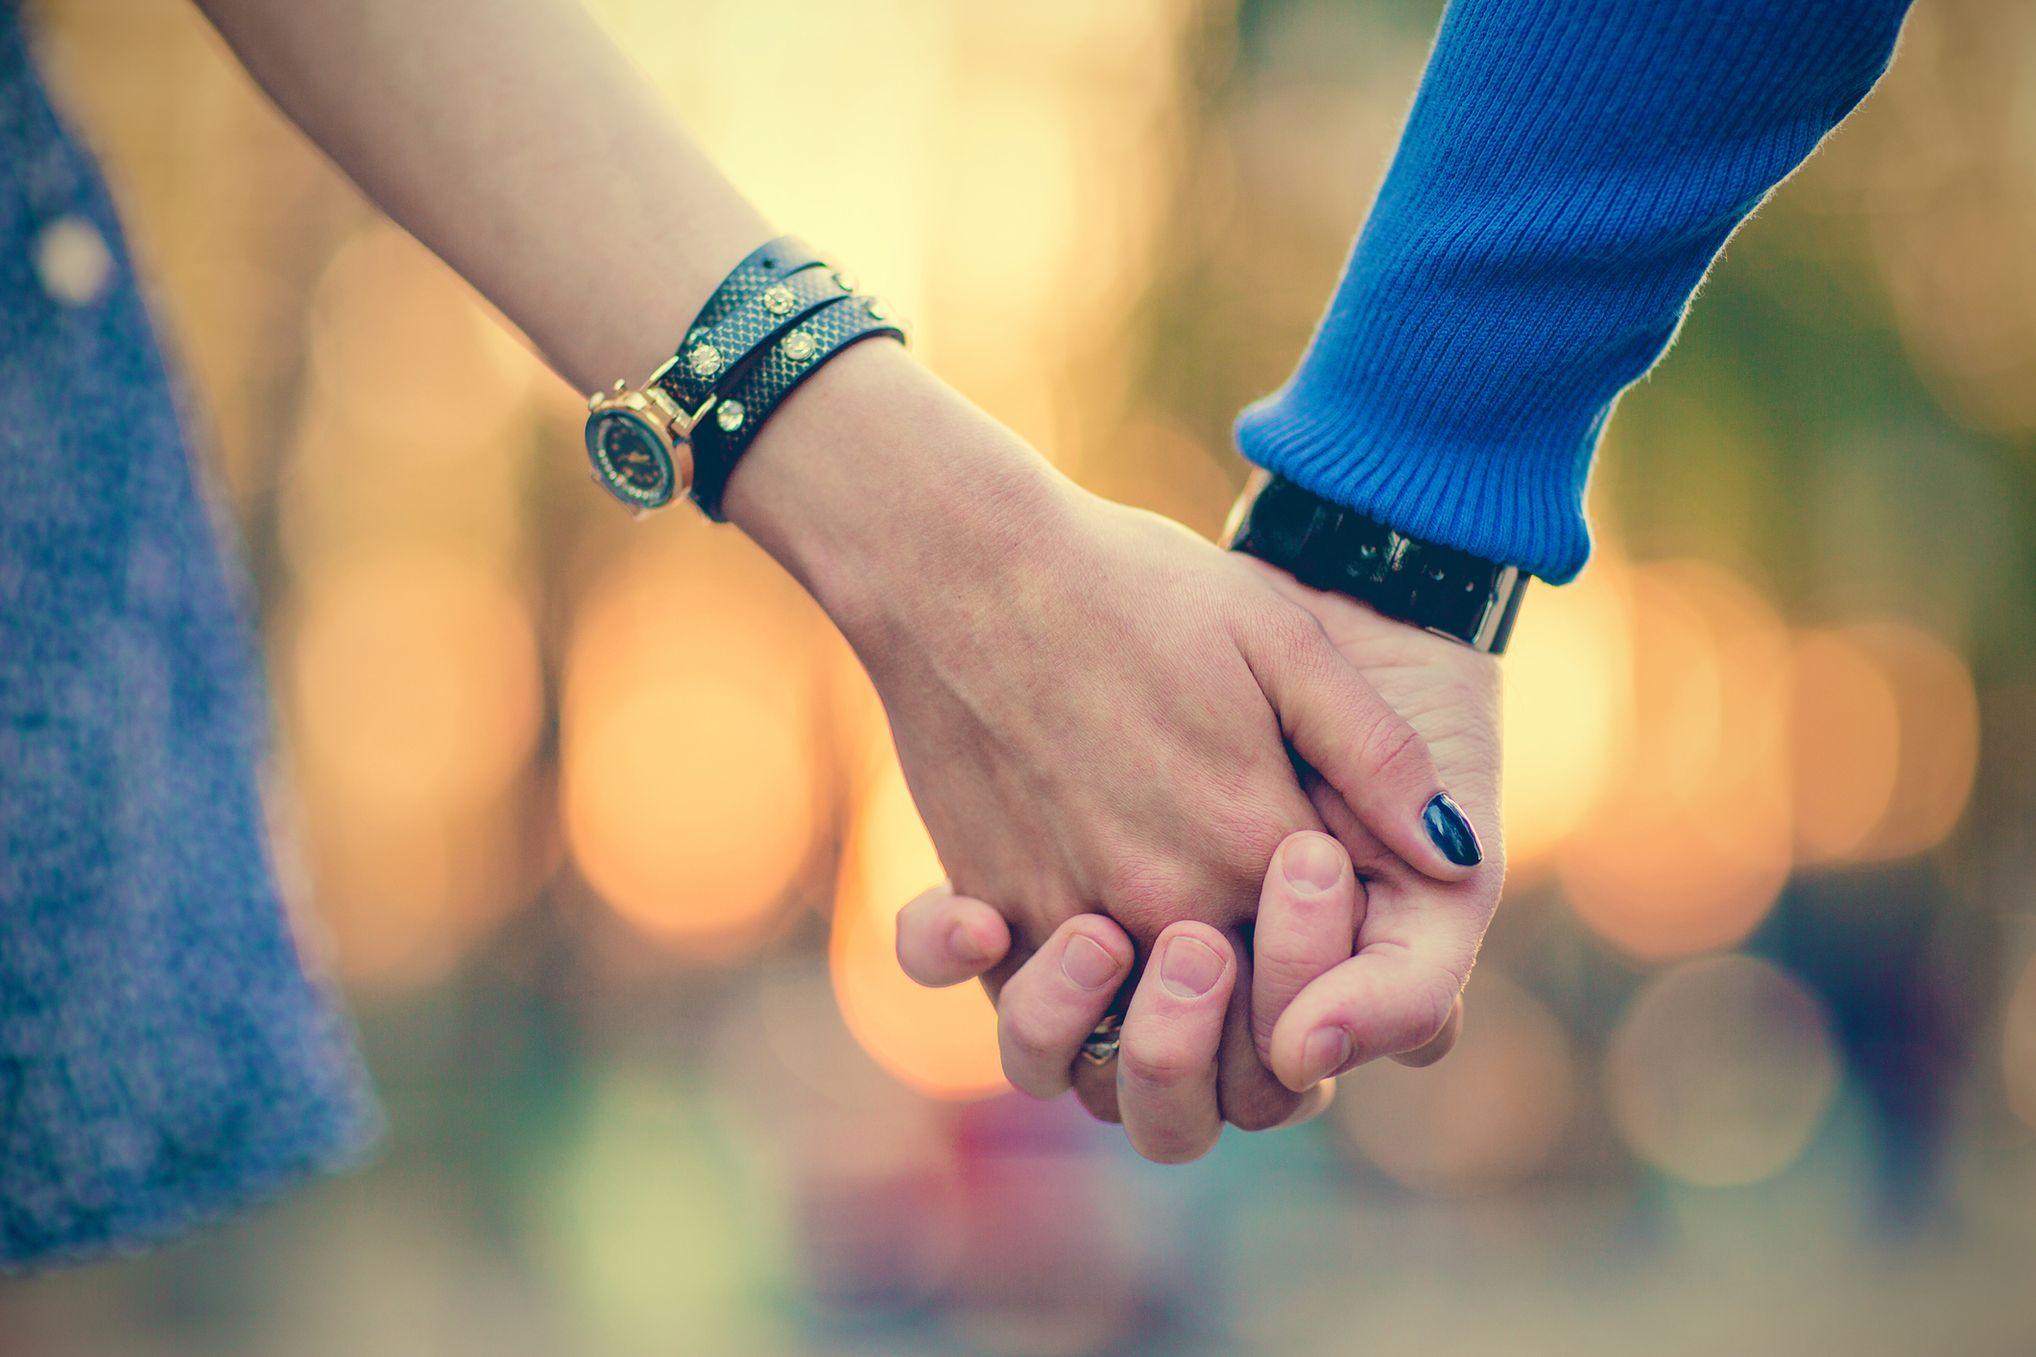 Отношения: замуж не напасть - психолог Диана Сушко